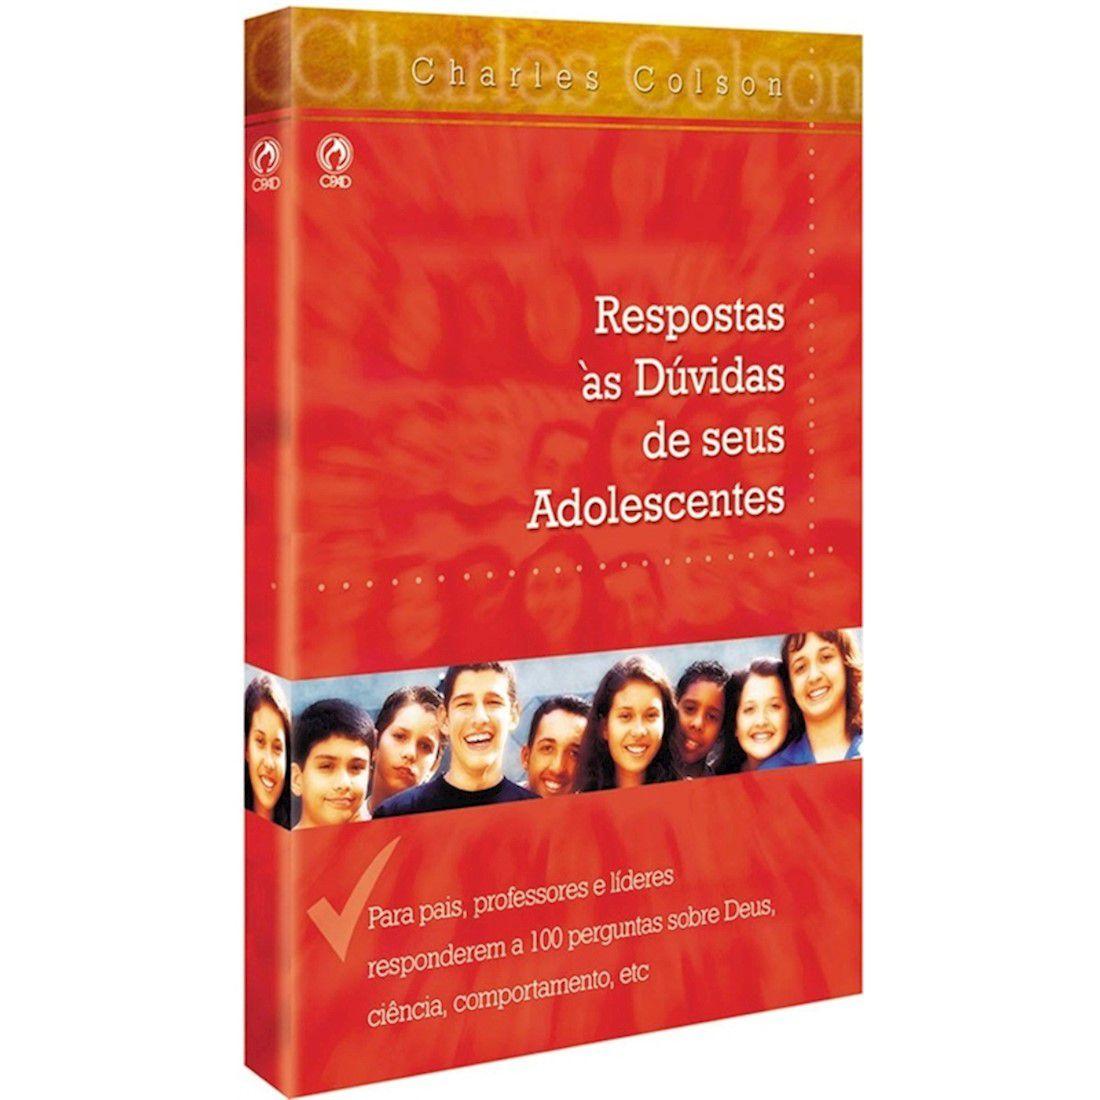 Livro Respostas às Dúvidas de Seus Adolescentes